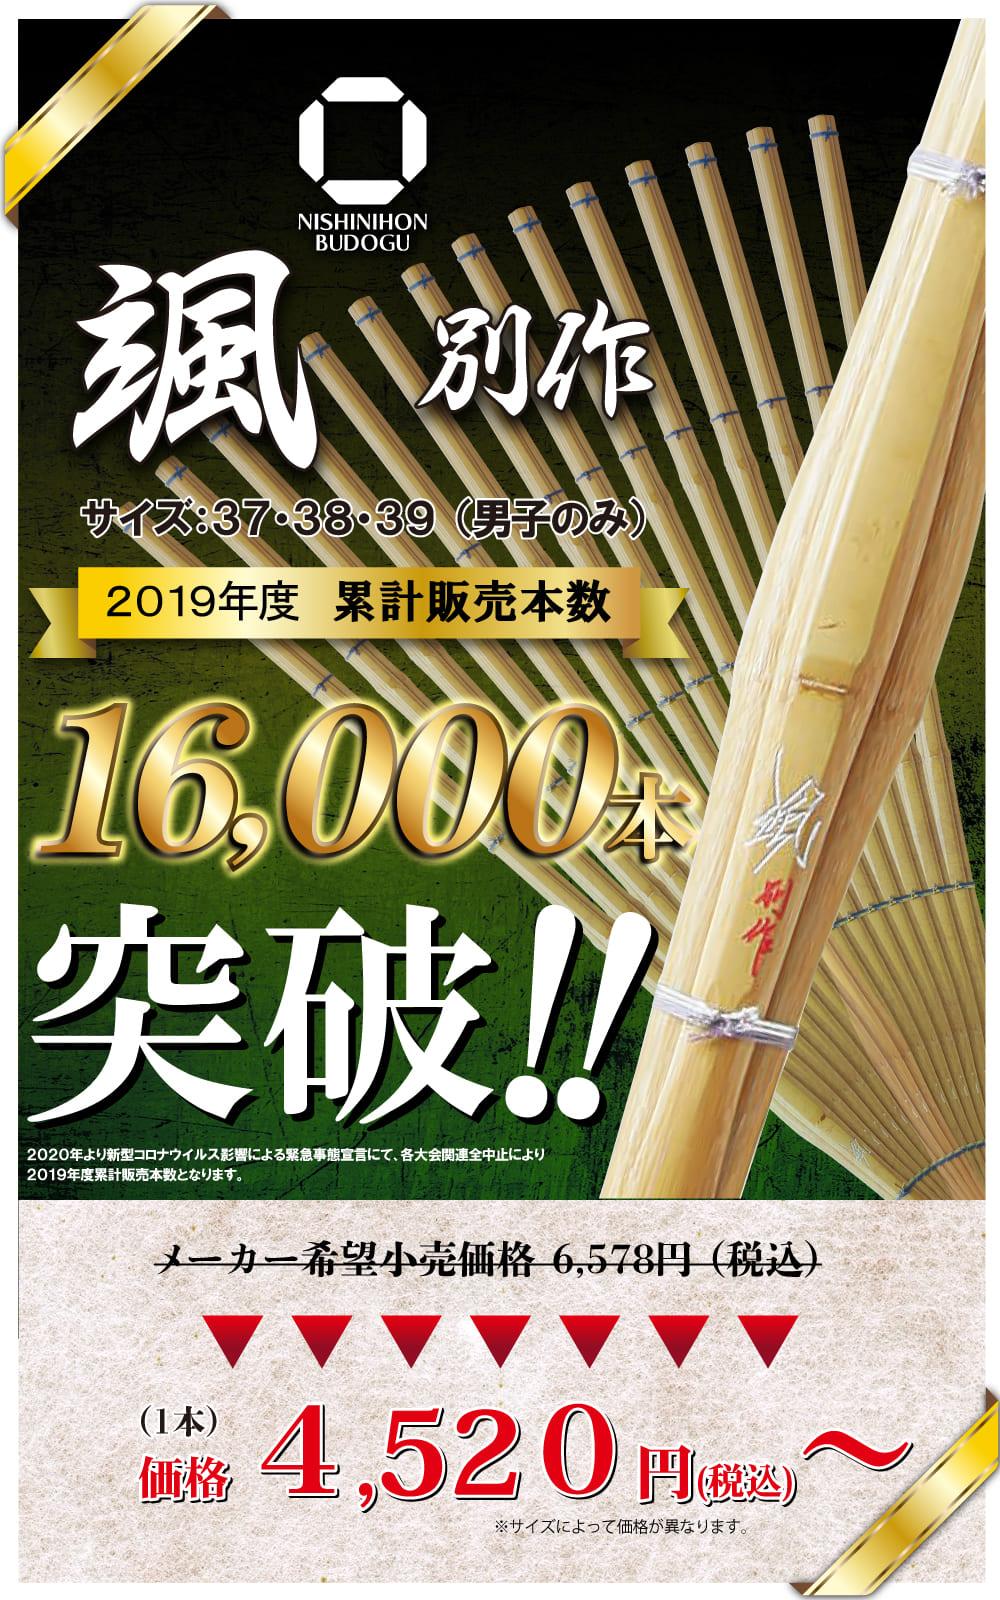 西日本武道具累計販売本数16000本以上実績ある竹刀_実戦柄太_颯別作